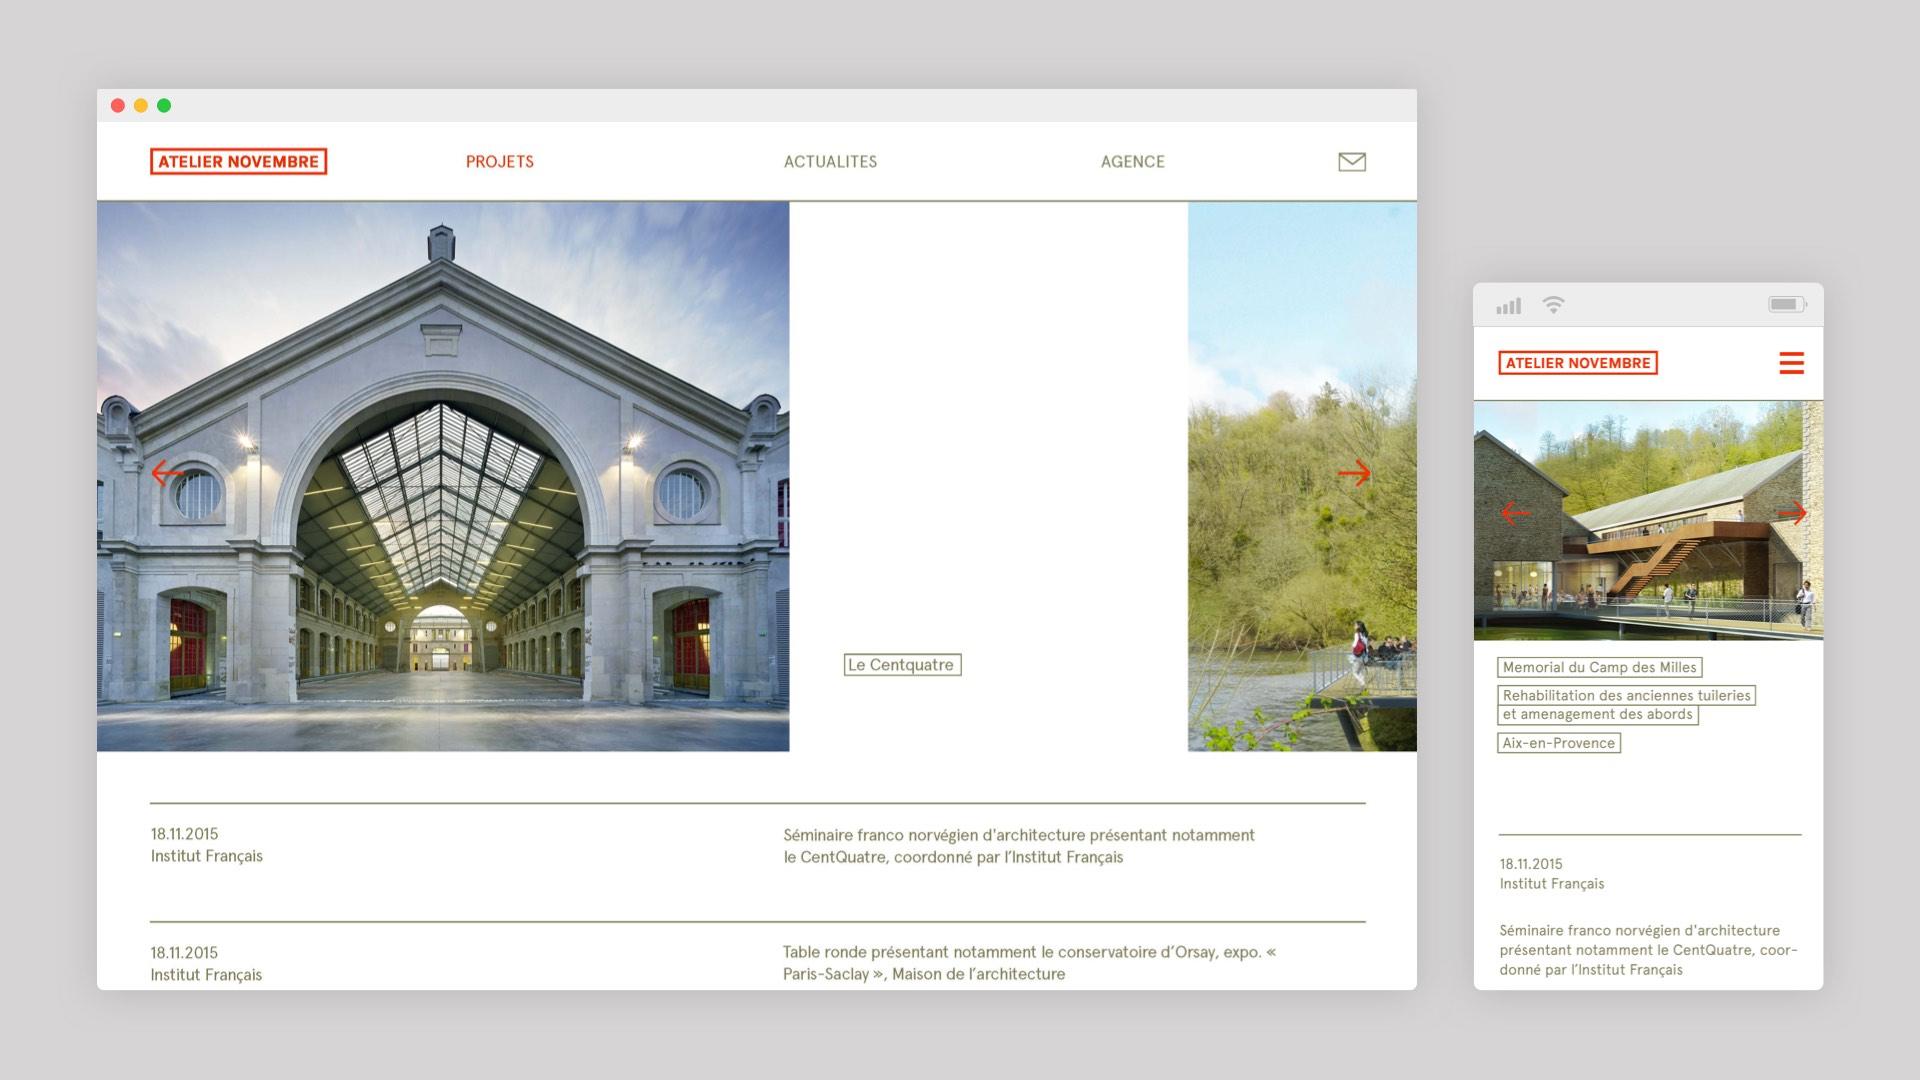 Paul Pajot Atelier Novembre Architecture 2